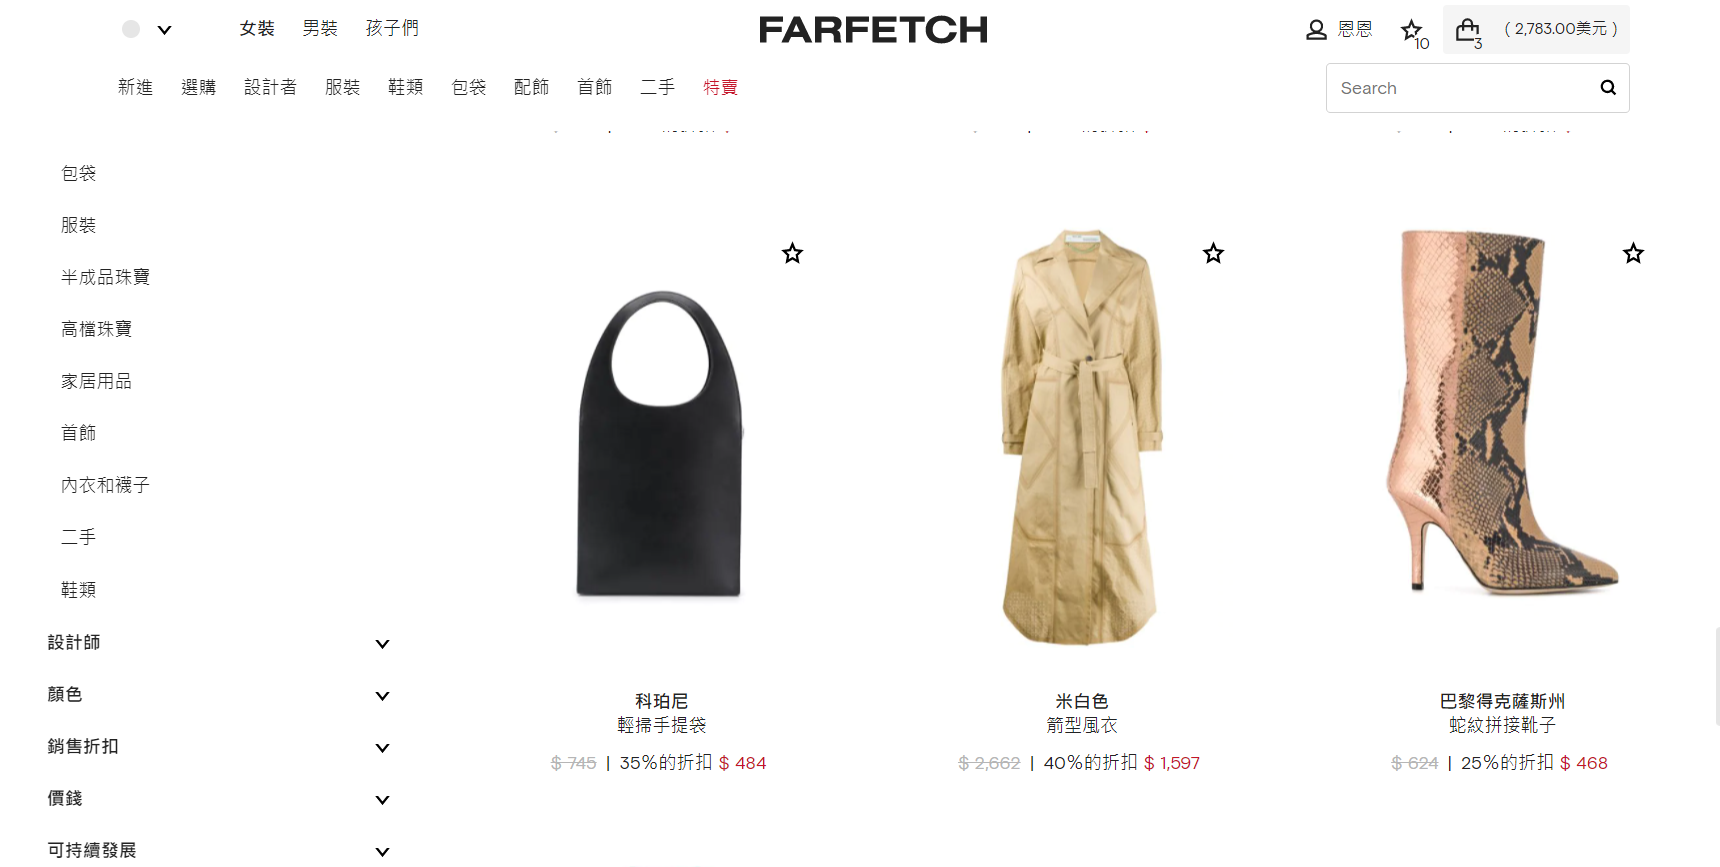 farfetch購物教學